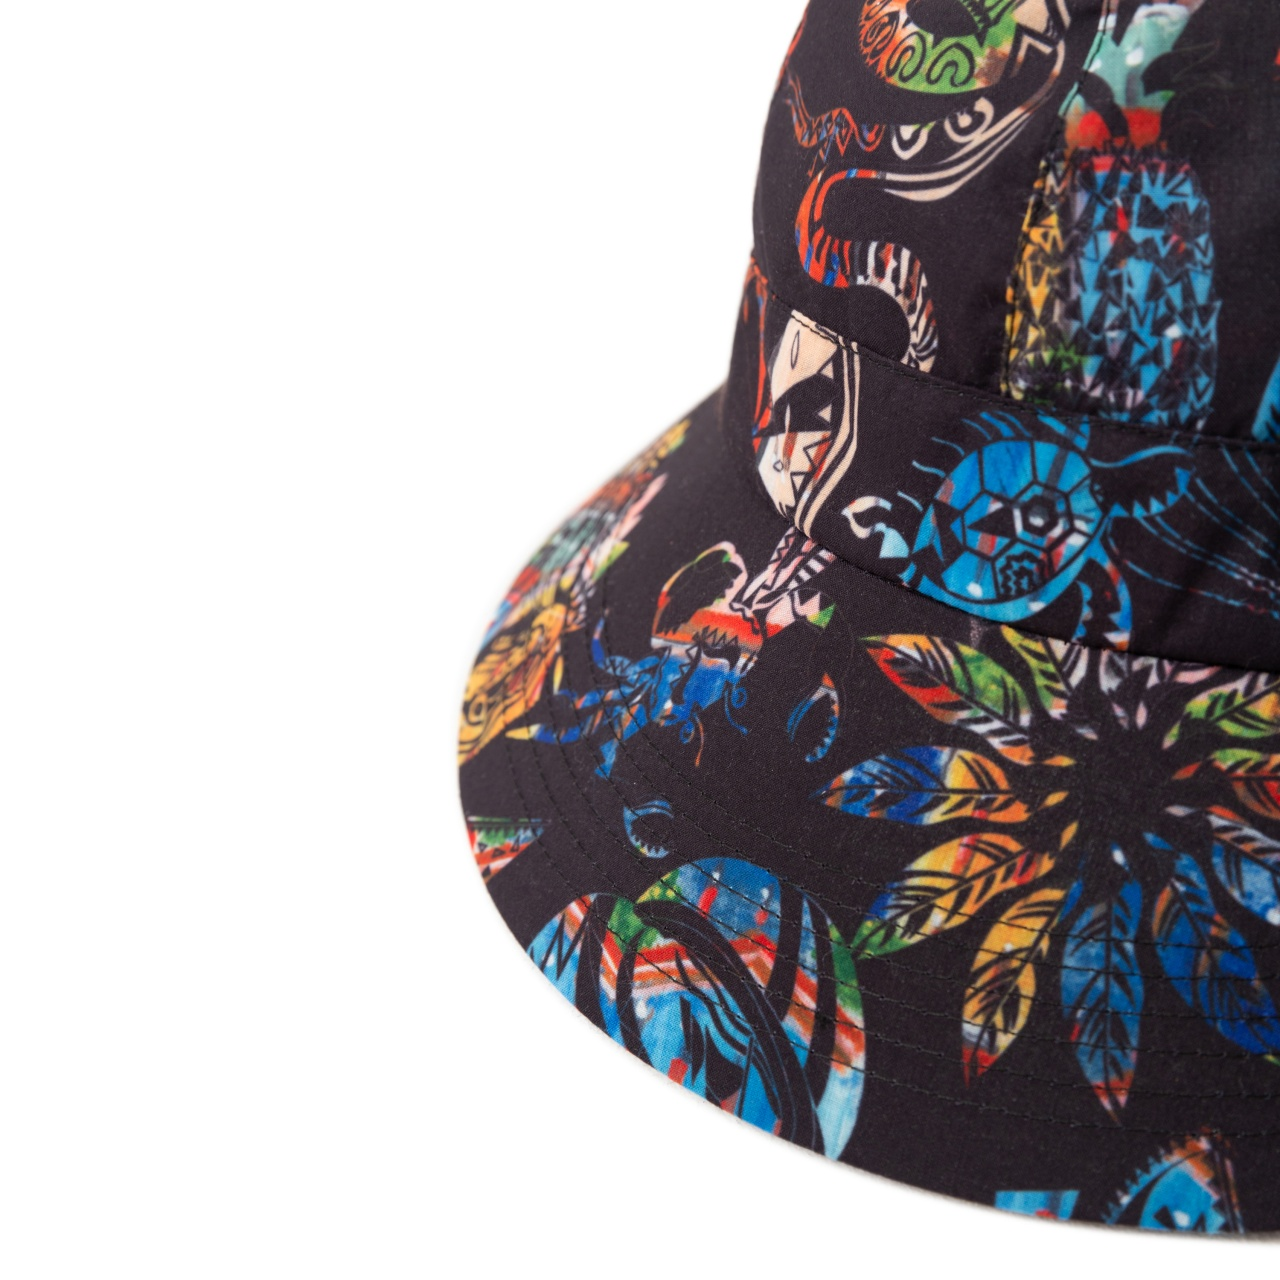 Pălărie Desigual Tropicuban Print